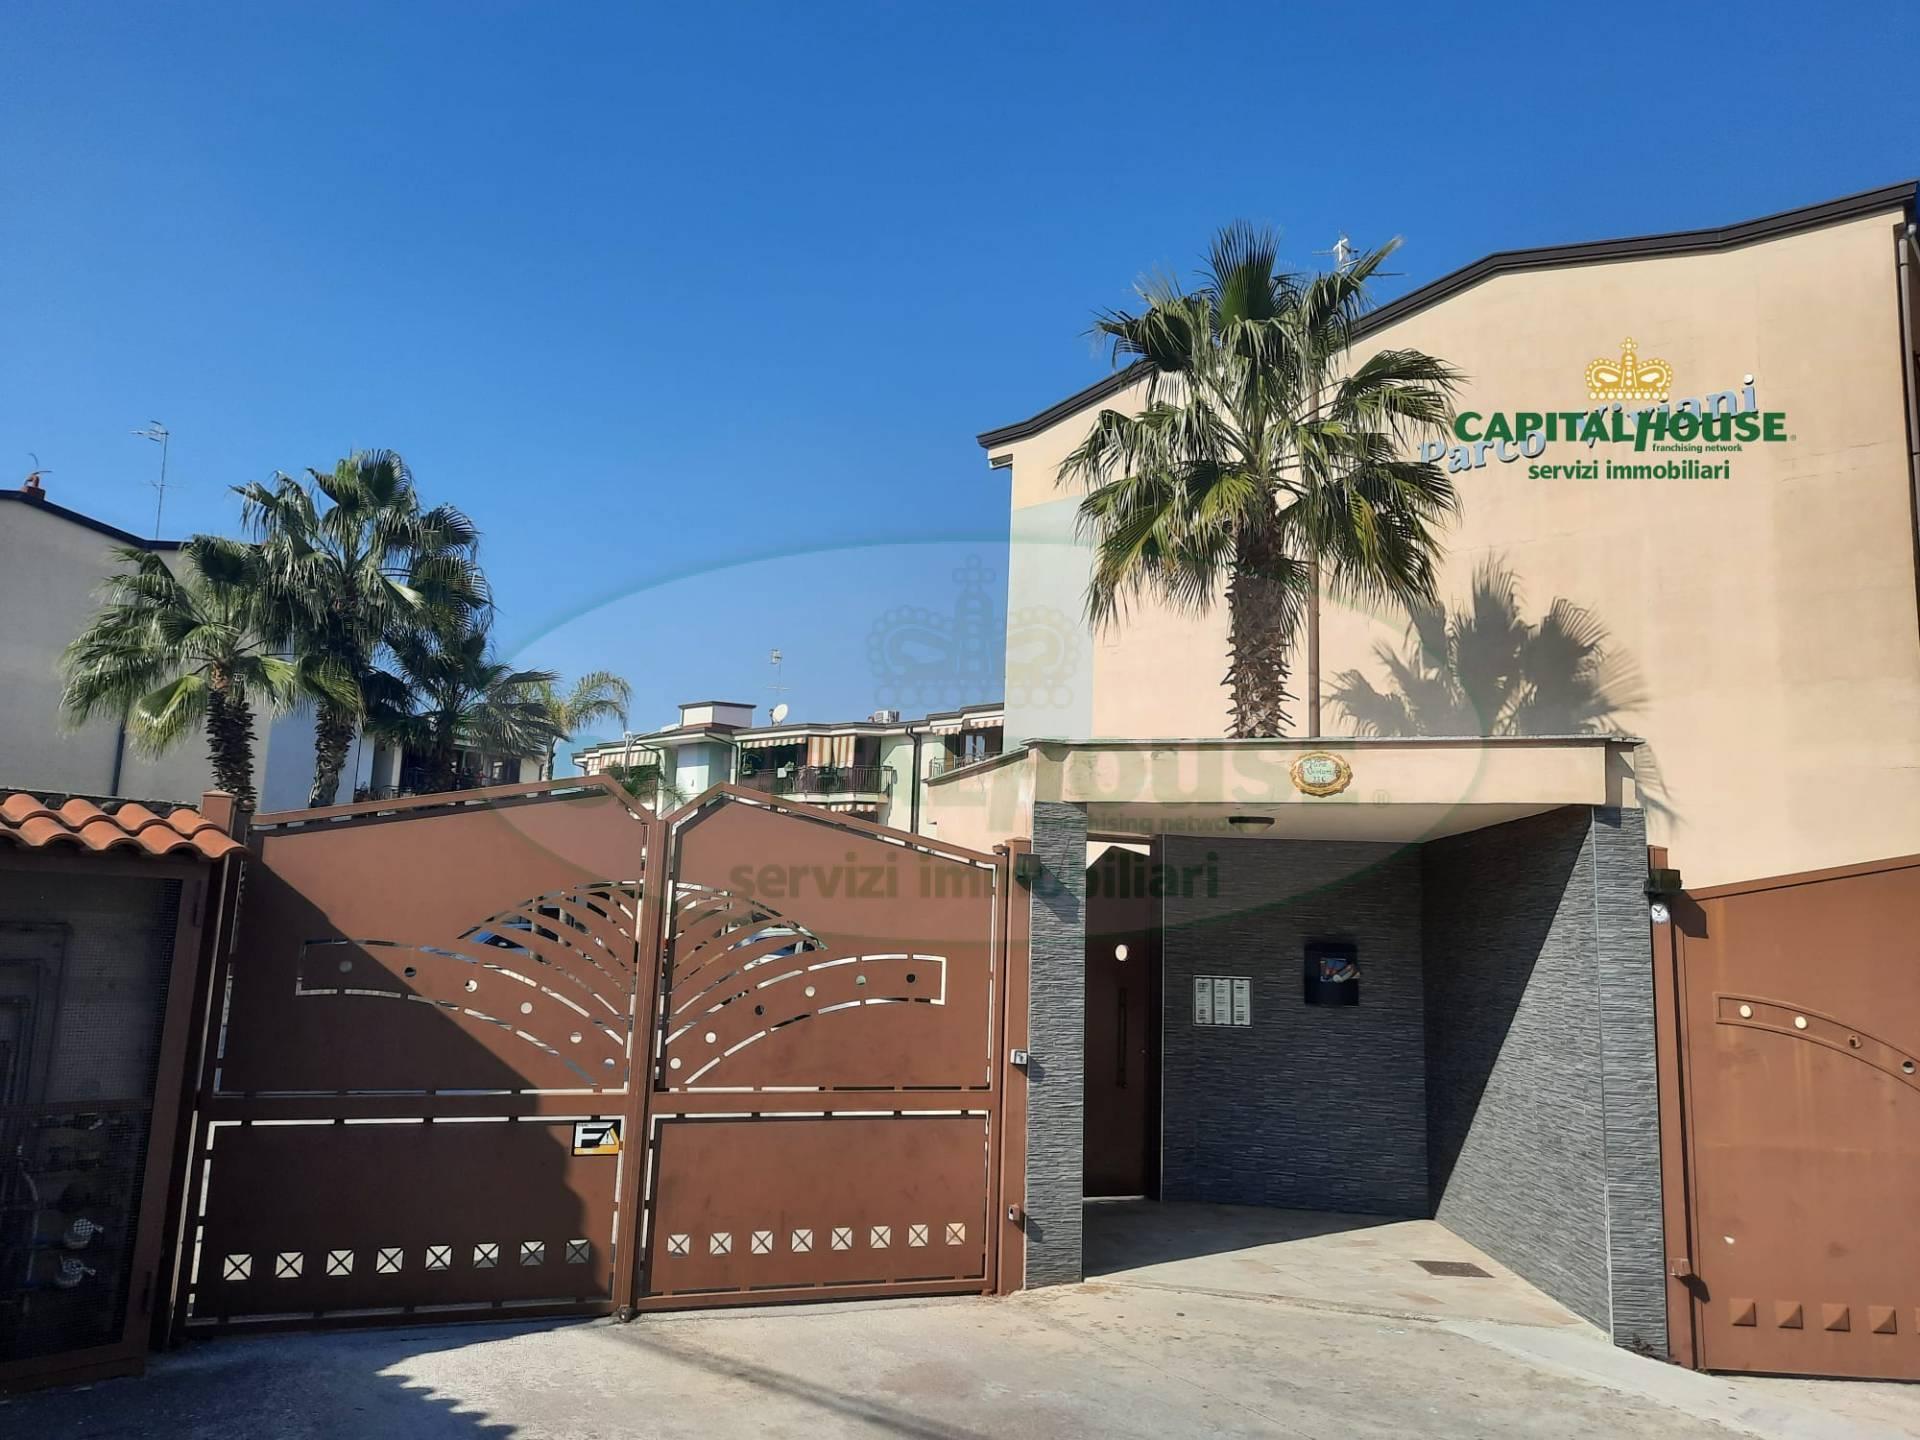 Appartamento in vendita a Brusciano, 3 locali, prezzo € 175.000 | PortaleAgenzieImmobiliari.it